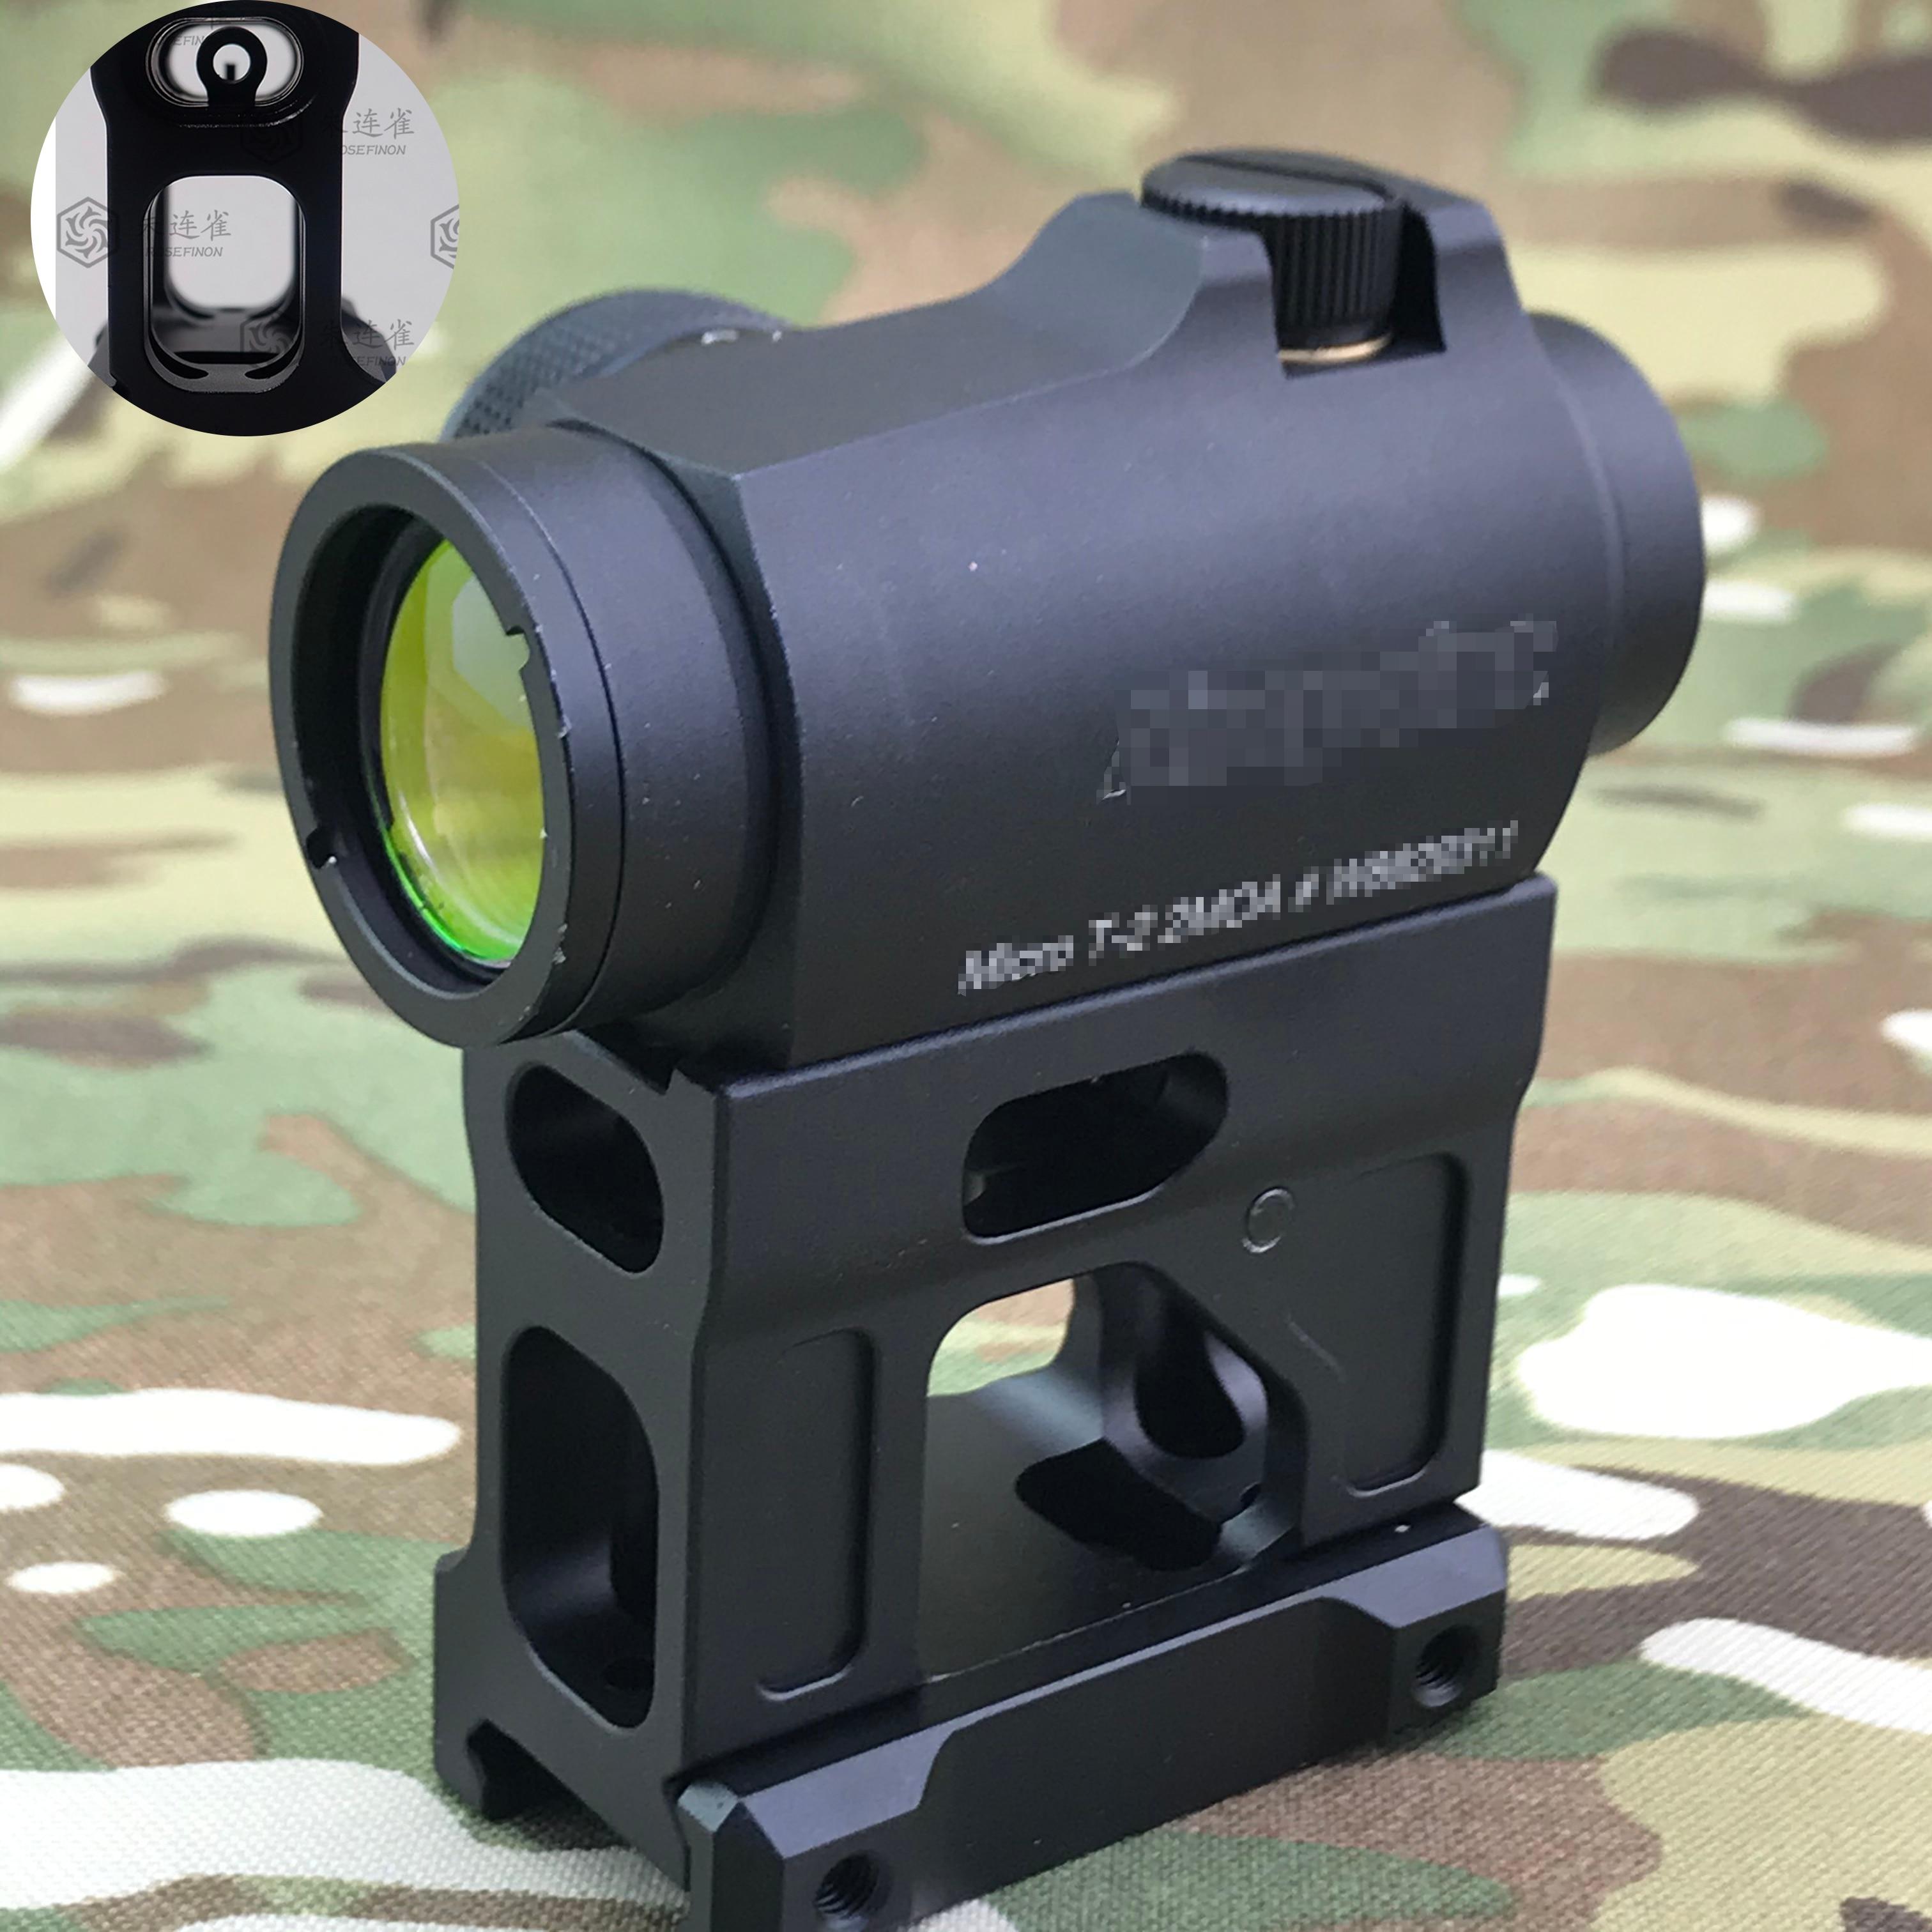 Un Universele Verhooging Beugel Red Dot Sighttarget F1 Mount Voor Airsoft T1 / T-1 / T2/T-2/Target TR02 Red Dot (Zwart/Tan)